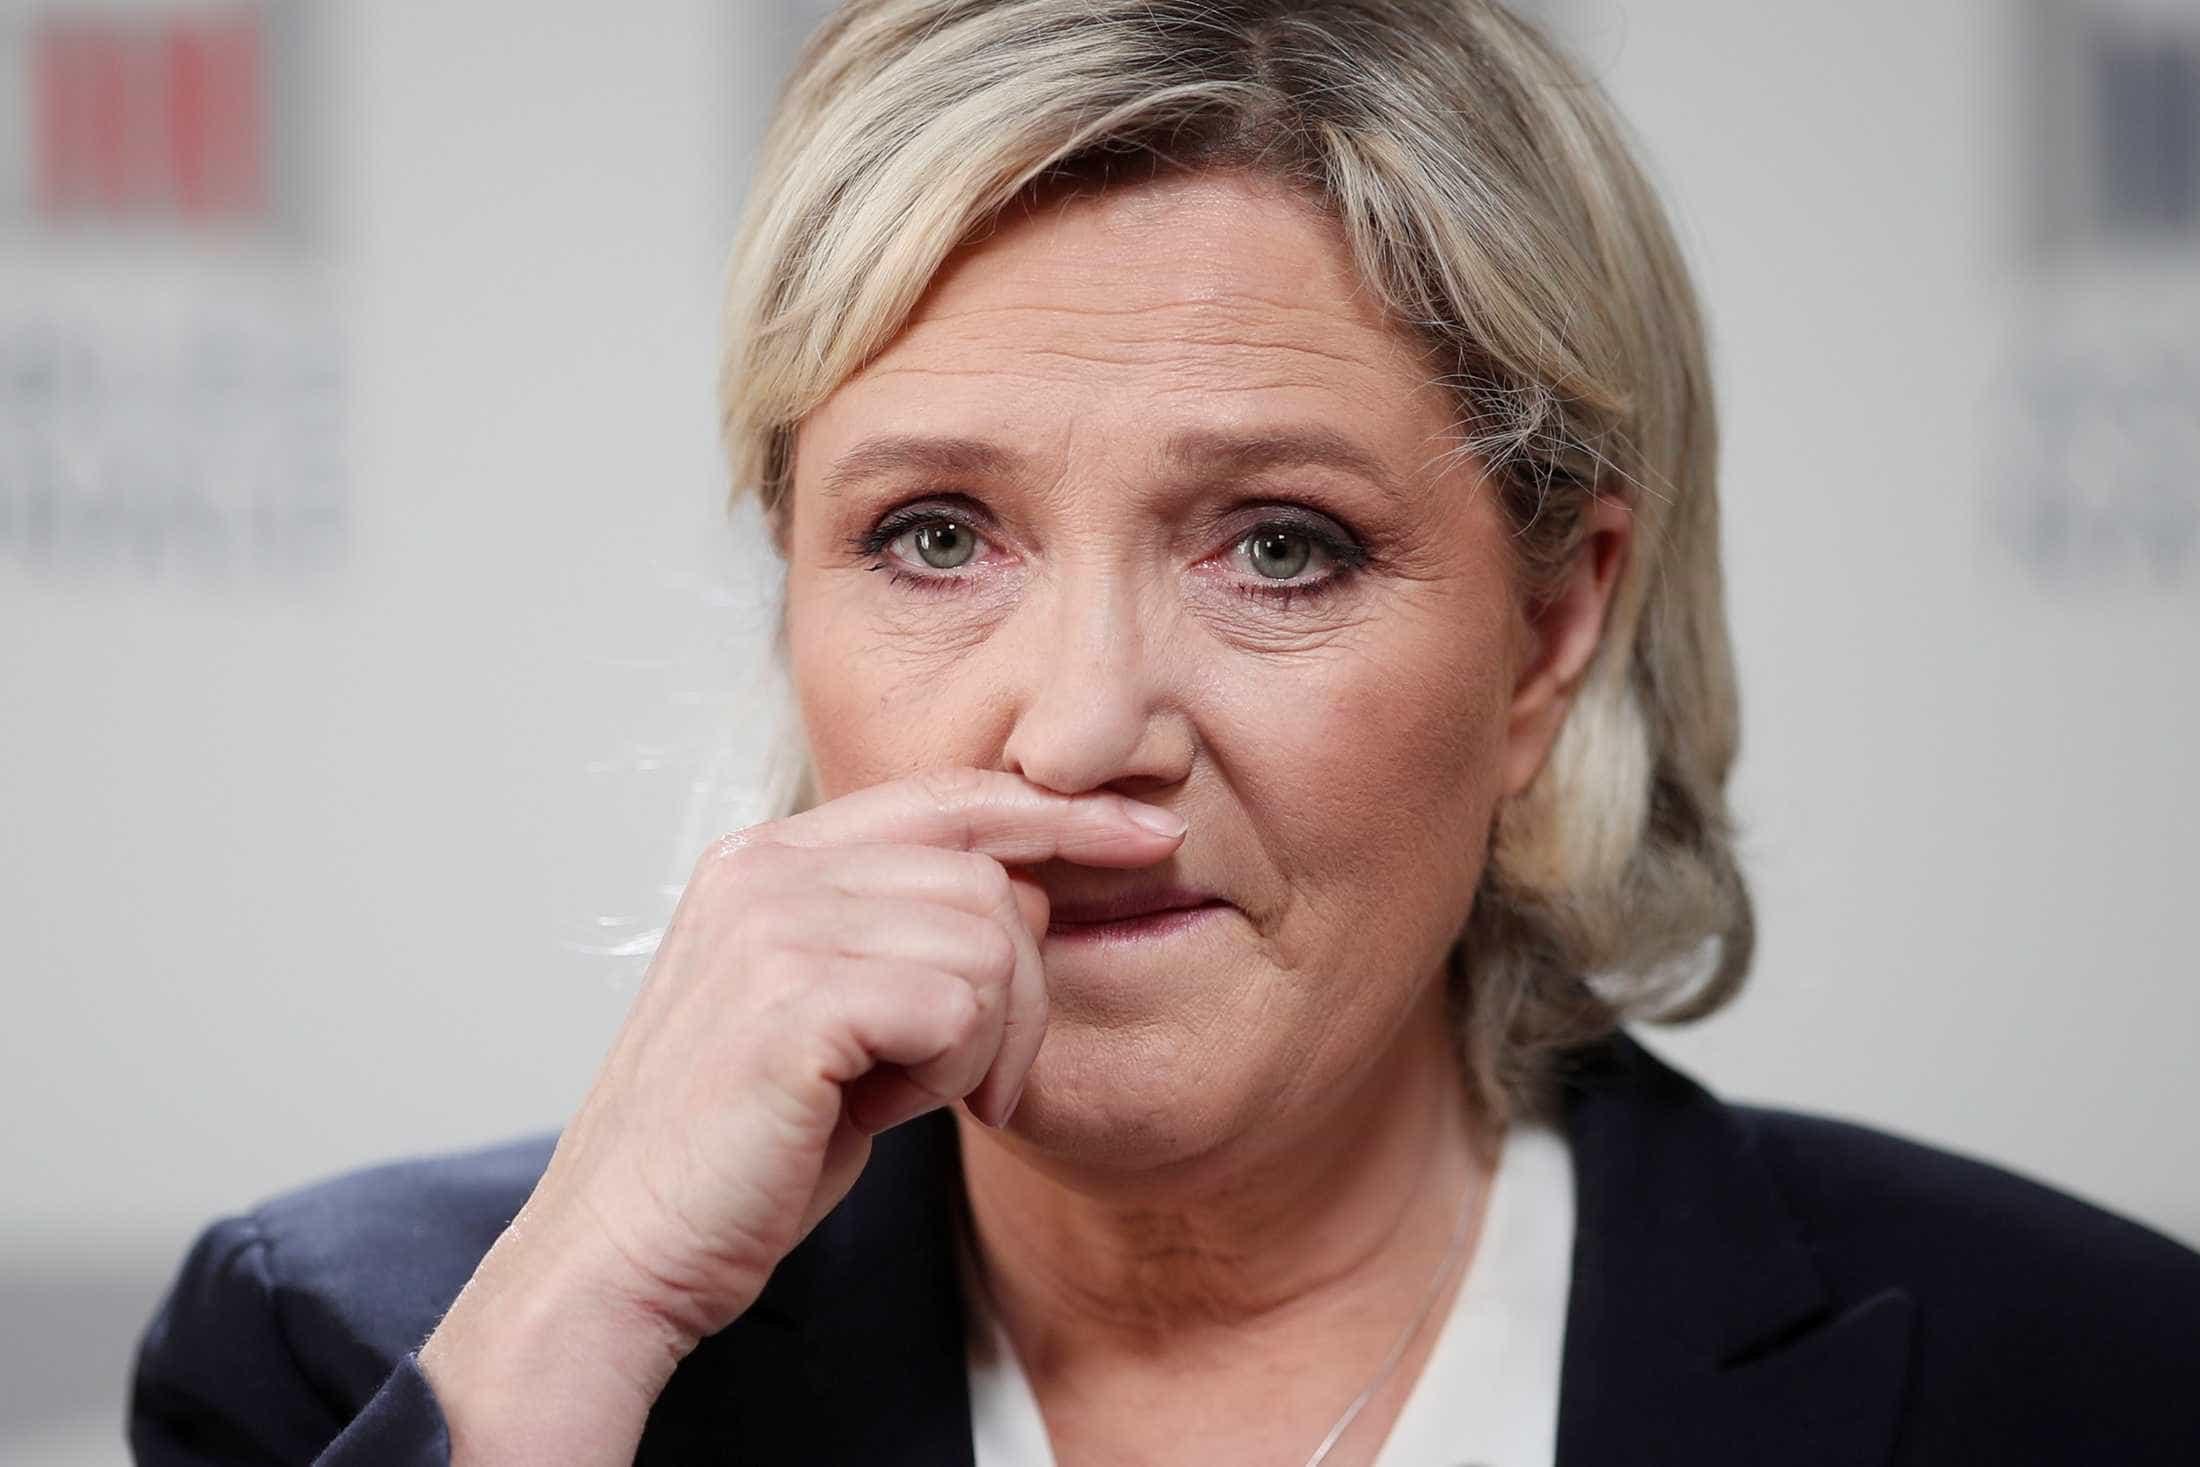 'Bolsonaro diz coisas extremamente desagradáveis', critica Le Pen